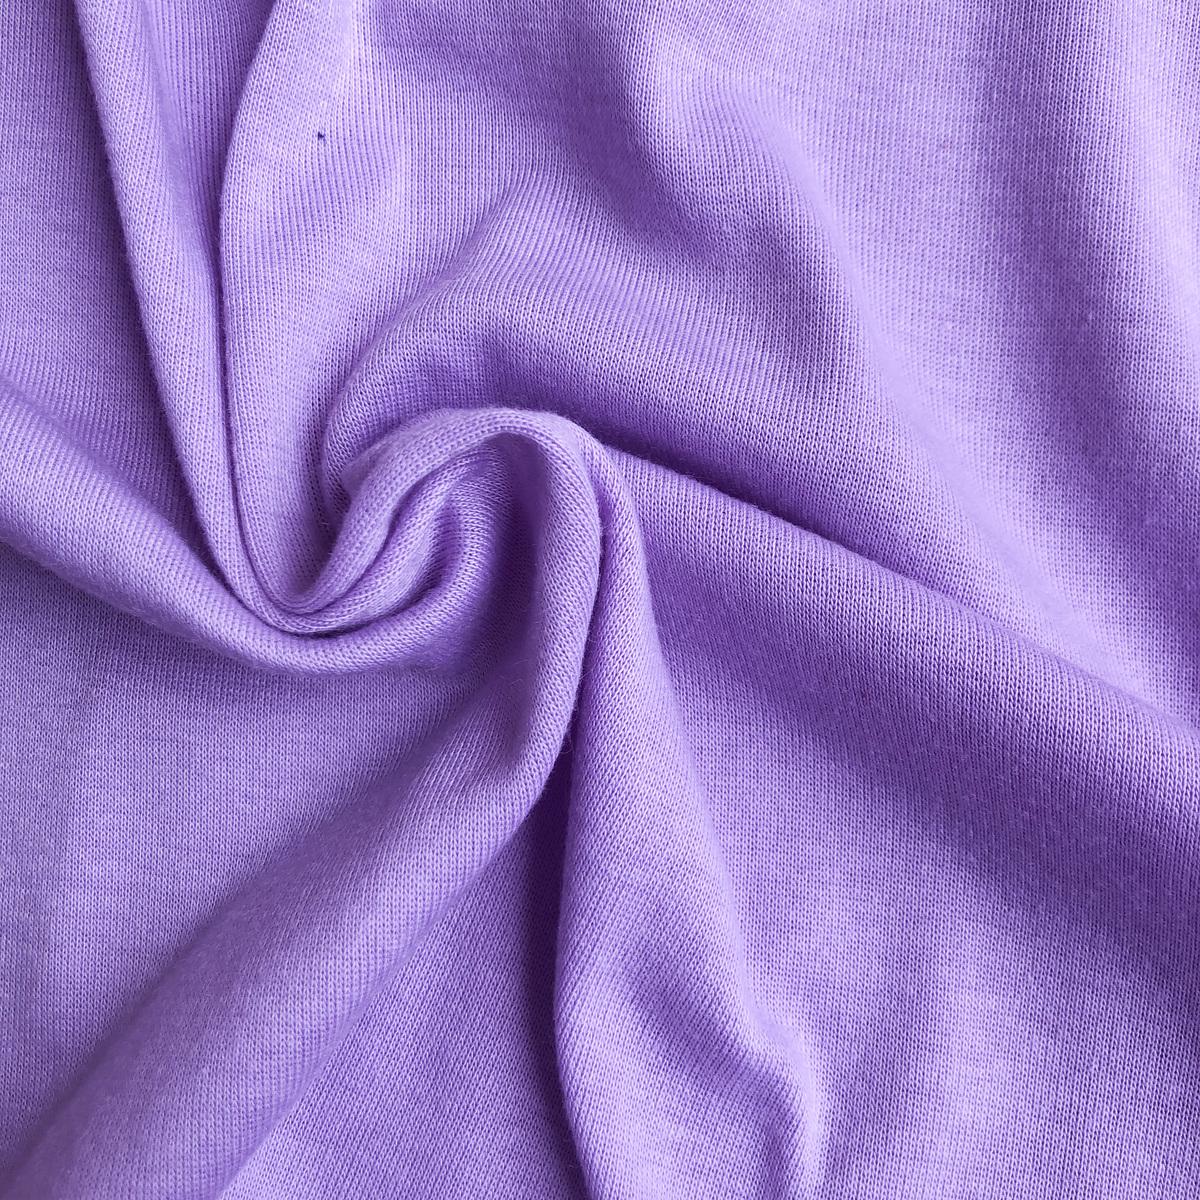 ผ้า Cotton lemon-สีม่วง – Bulliontex